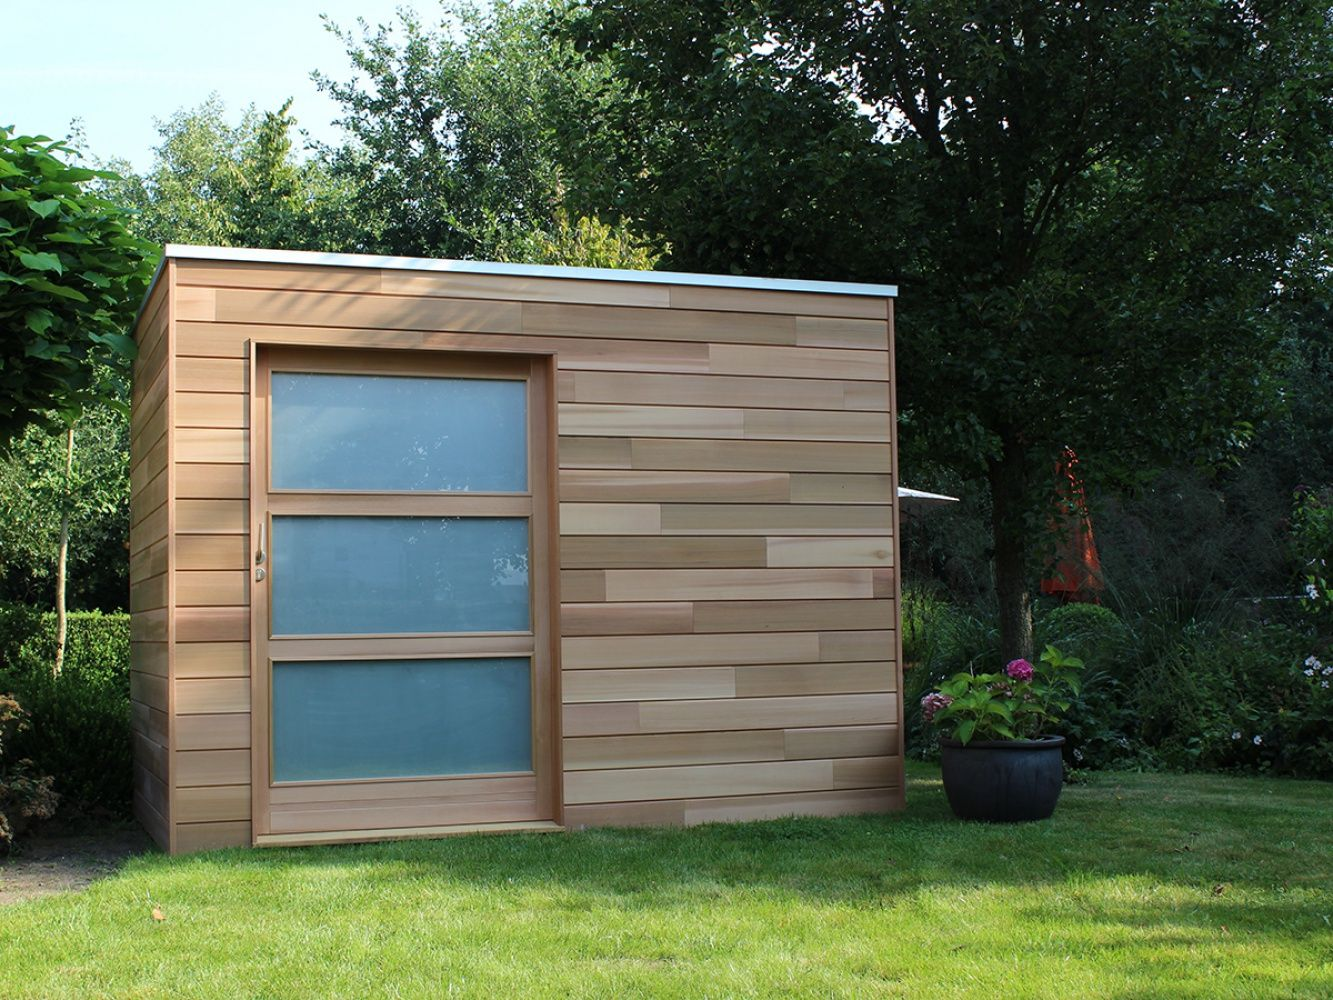 Cubeco Modern Houten Tuinhuis Abri De Jardin Jardin Contemporain Facade Maison